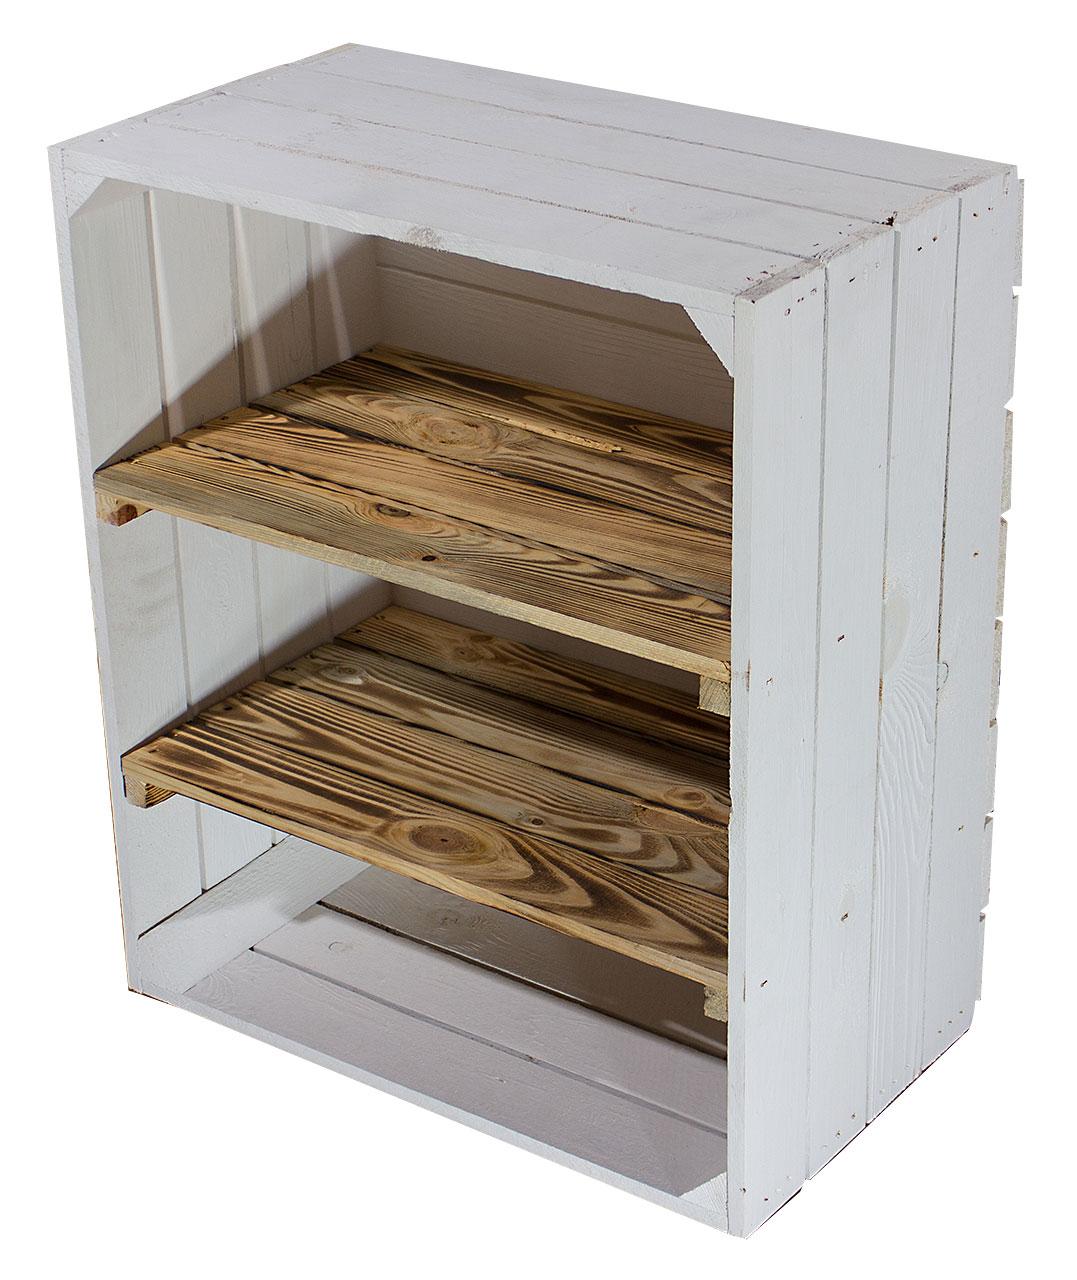 Weiße Hochkant Kiste mit 2 geflammten Mittelbretter 61x50x31cm